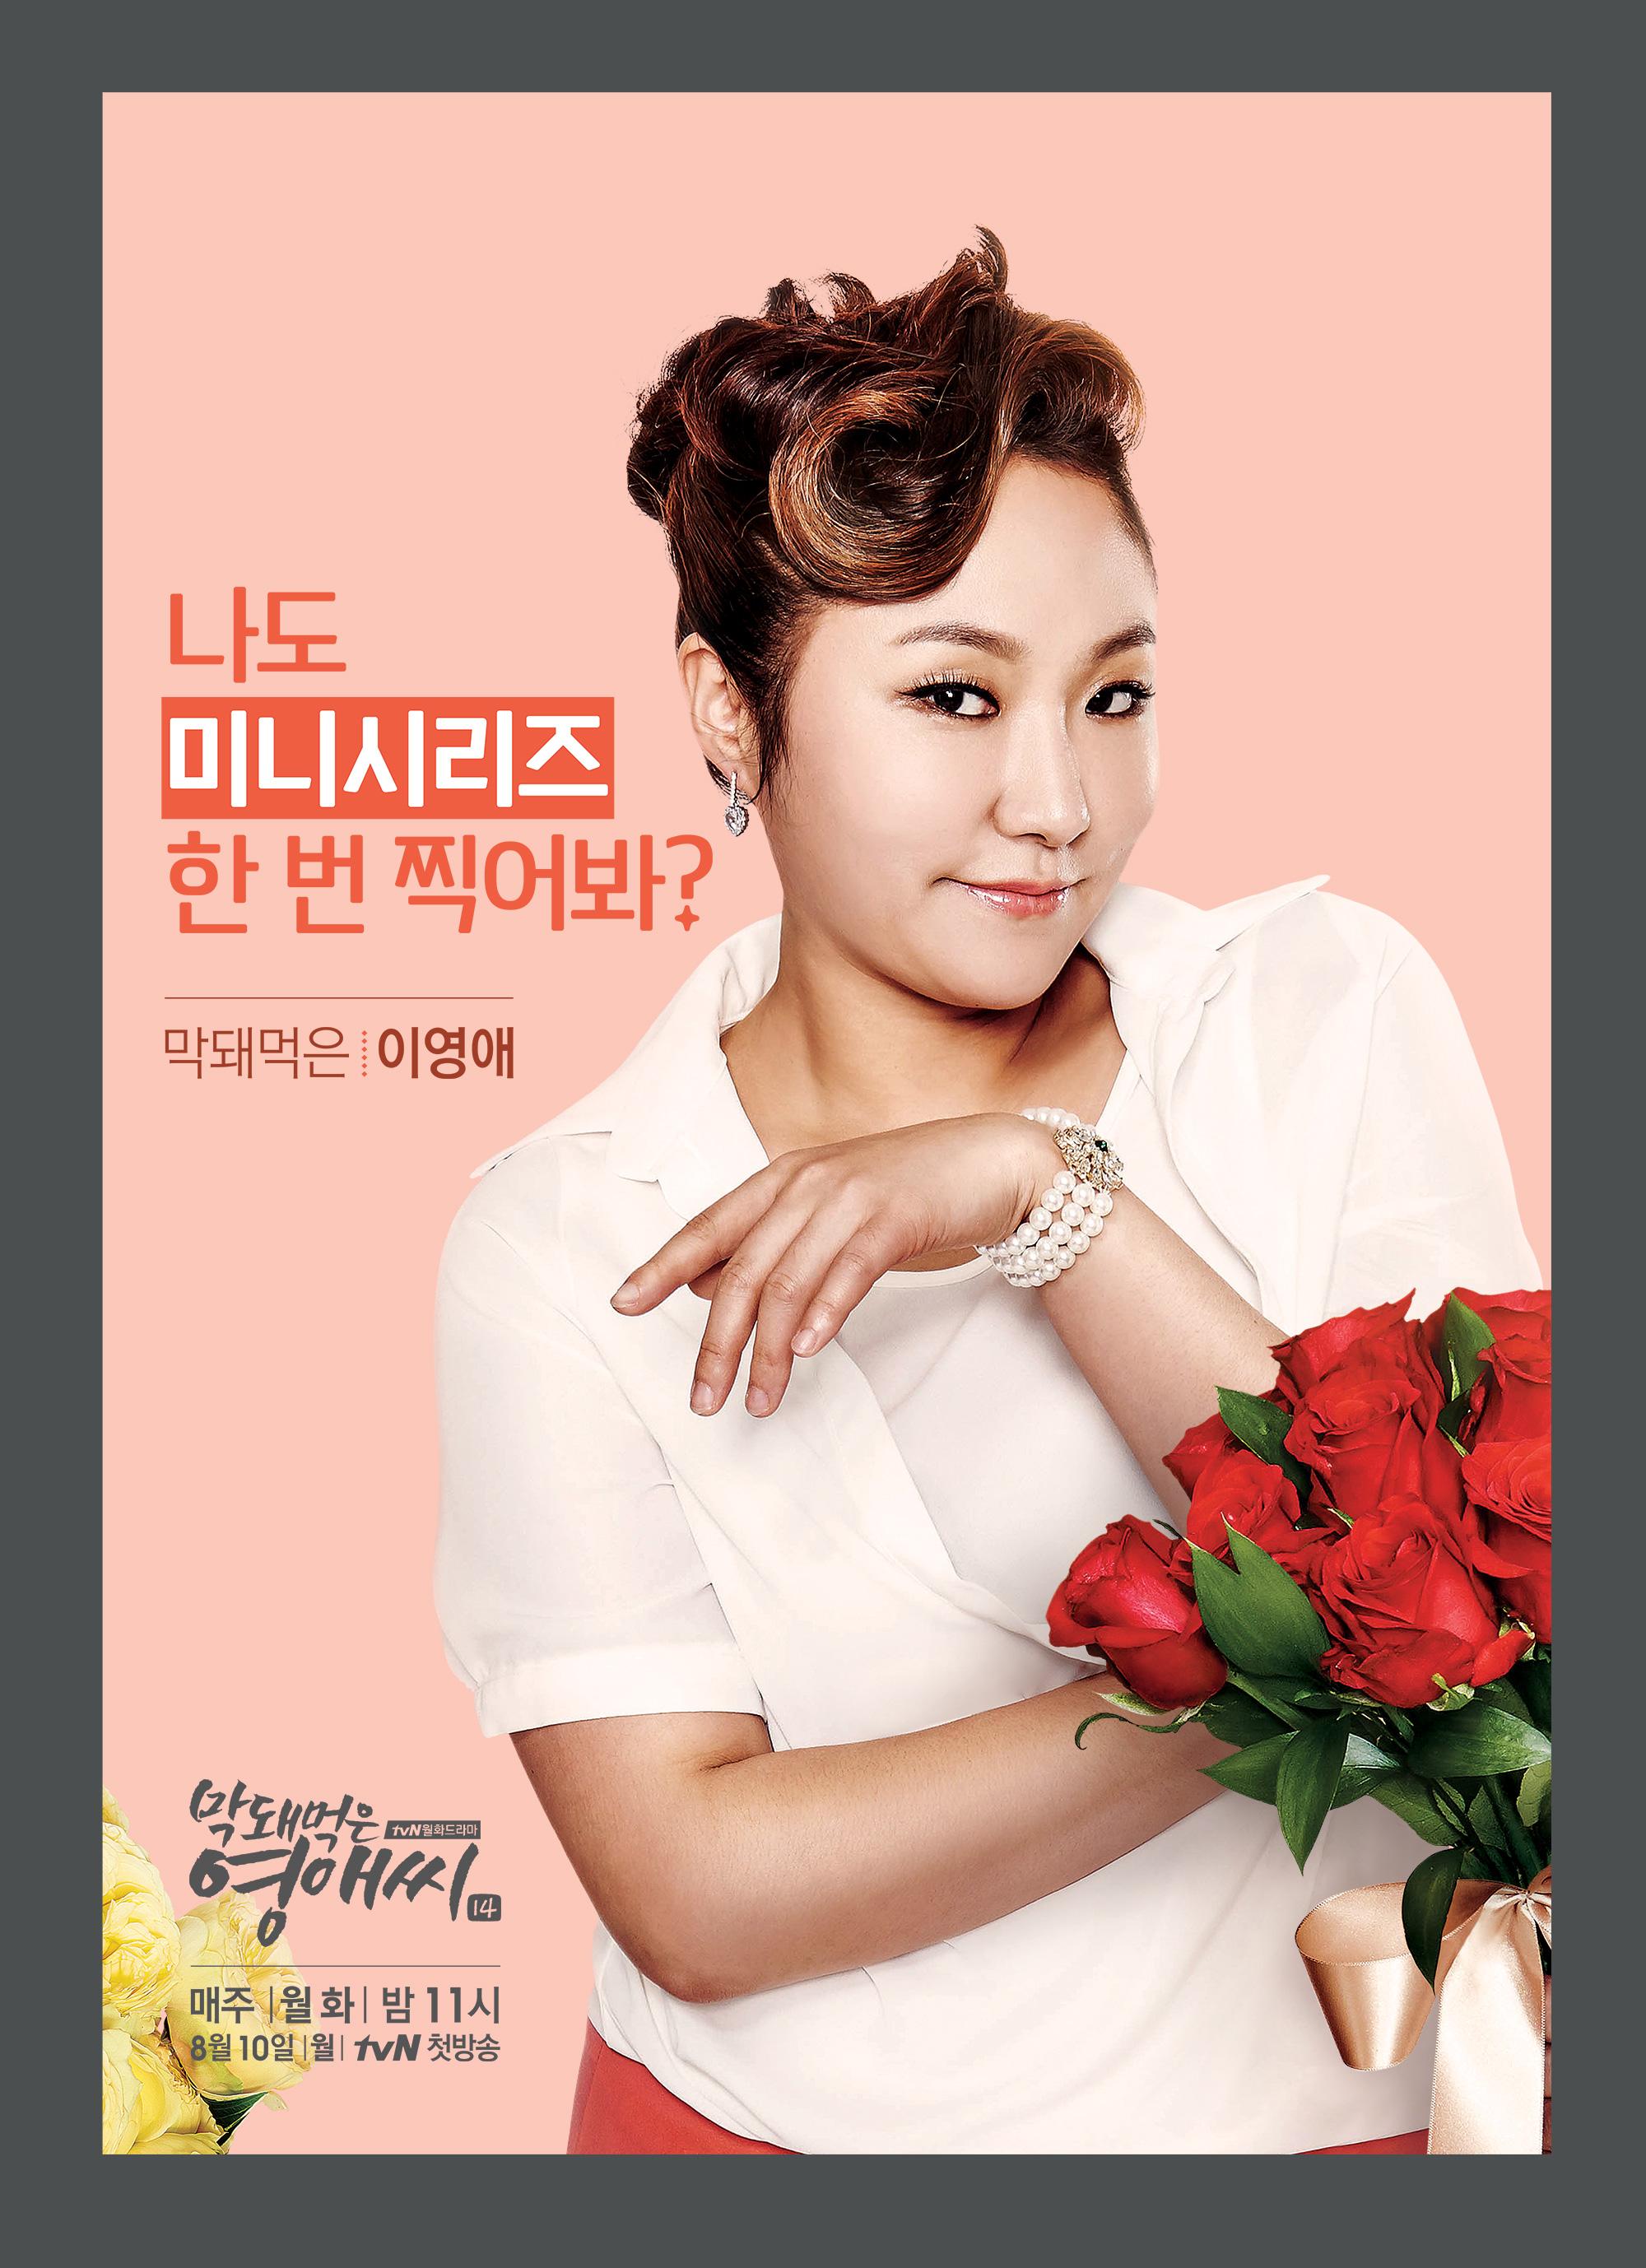 8.《沒禮貌的英愛小姐》 這一部是韓國最長壽的喜劇,以電視劇紀錄片為拍攝手法,從2007年一直播到現在,已經第14季了啊!!!劇情主要在講述女主角李英愛的家庭、愛情和職場上所發生的故事。